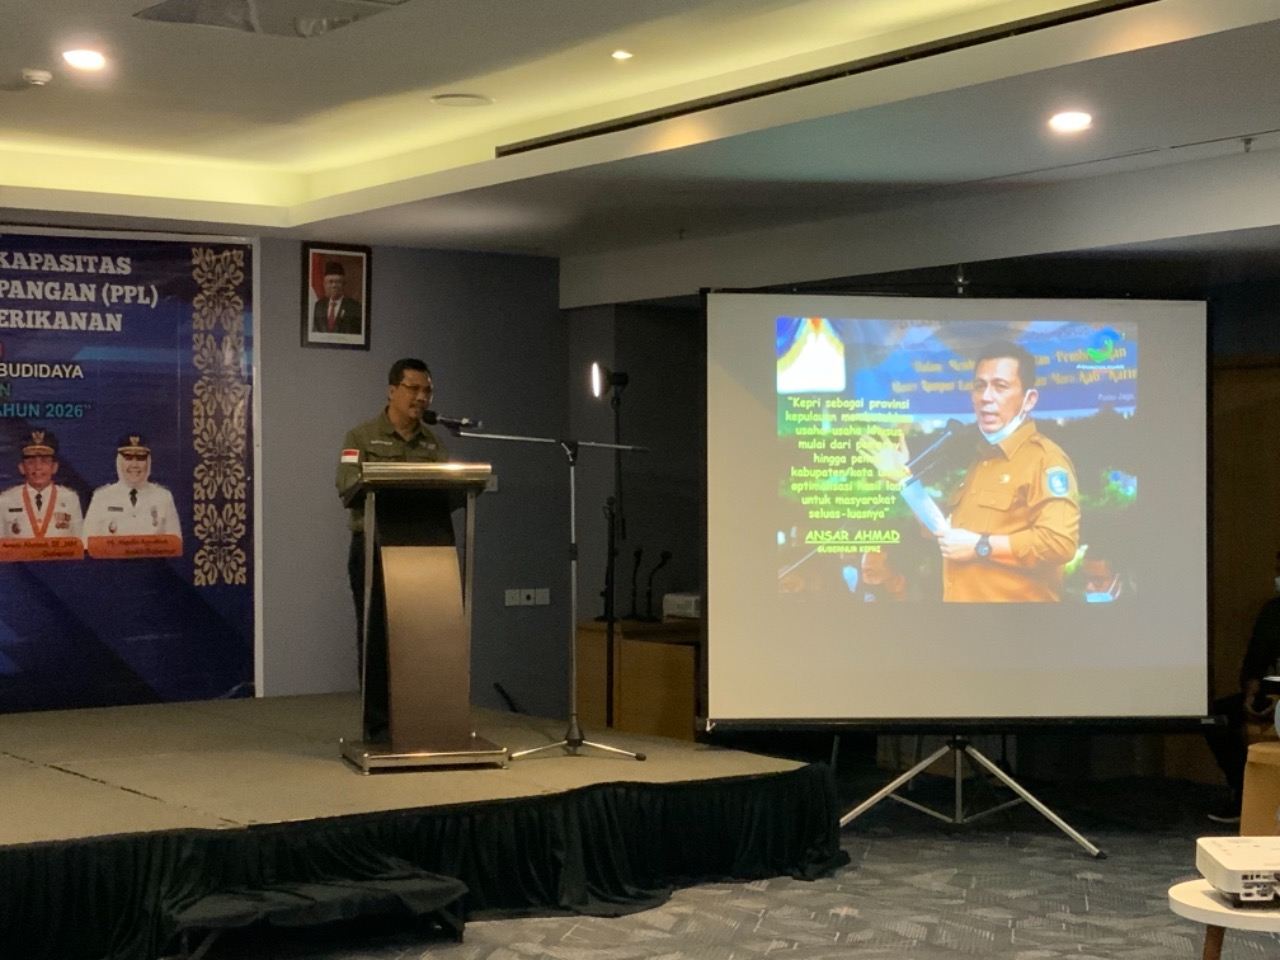 Pembukaan Kegiatan Oleh Kepala DKP Kepri, Dr. H. TS. Arif Fadillah, S.Sos, M.Si